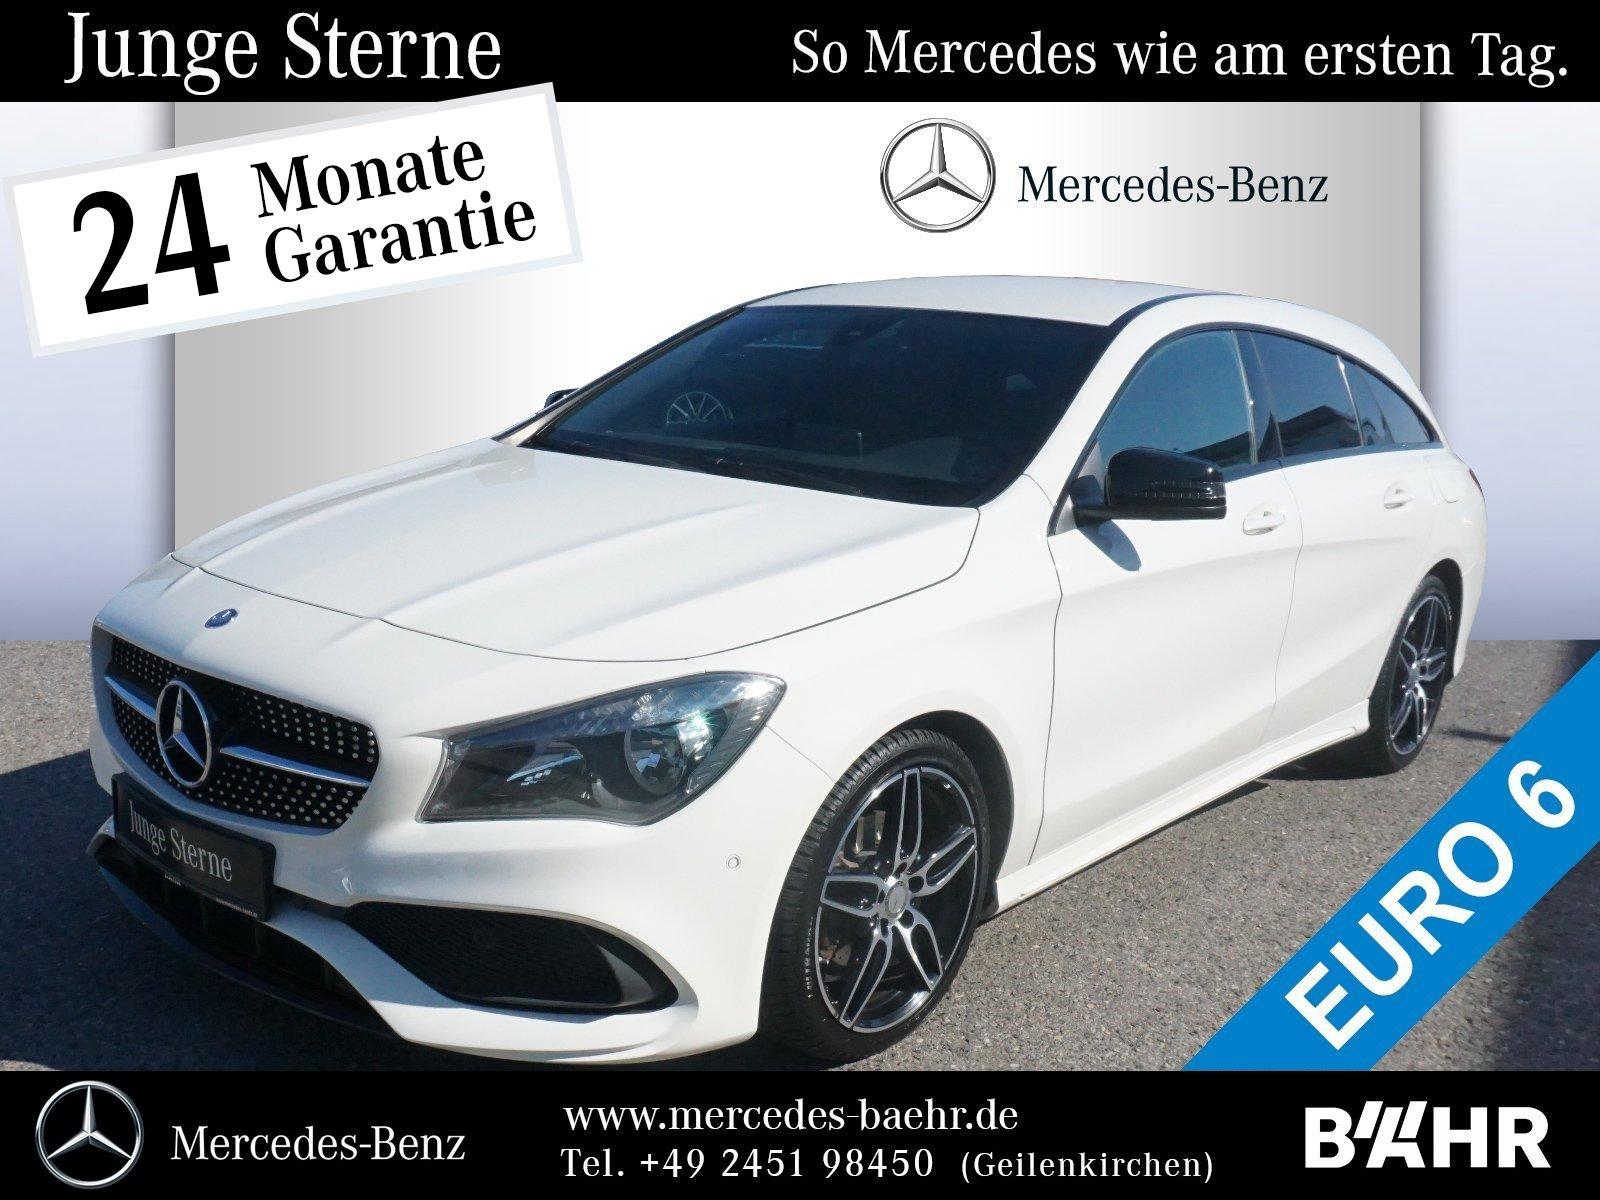 Mercedes-Benz CLA 200 d SB AMG+Night/Navi/SHZ/Park-Pilot/LMR18, Jahr 2016, Diesel